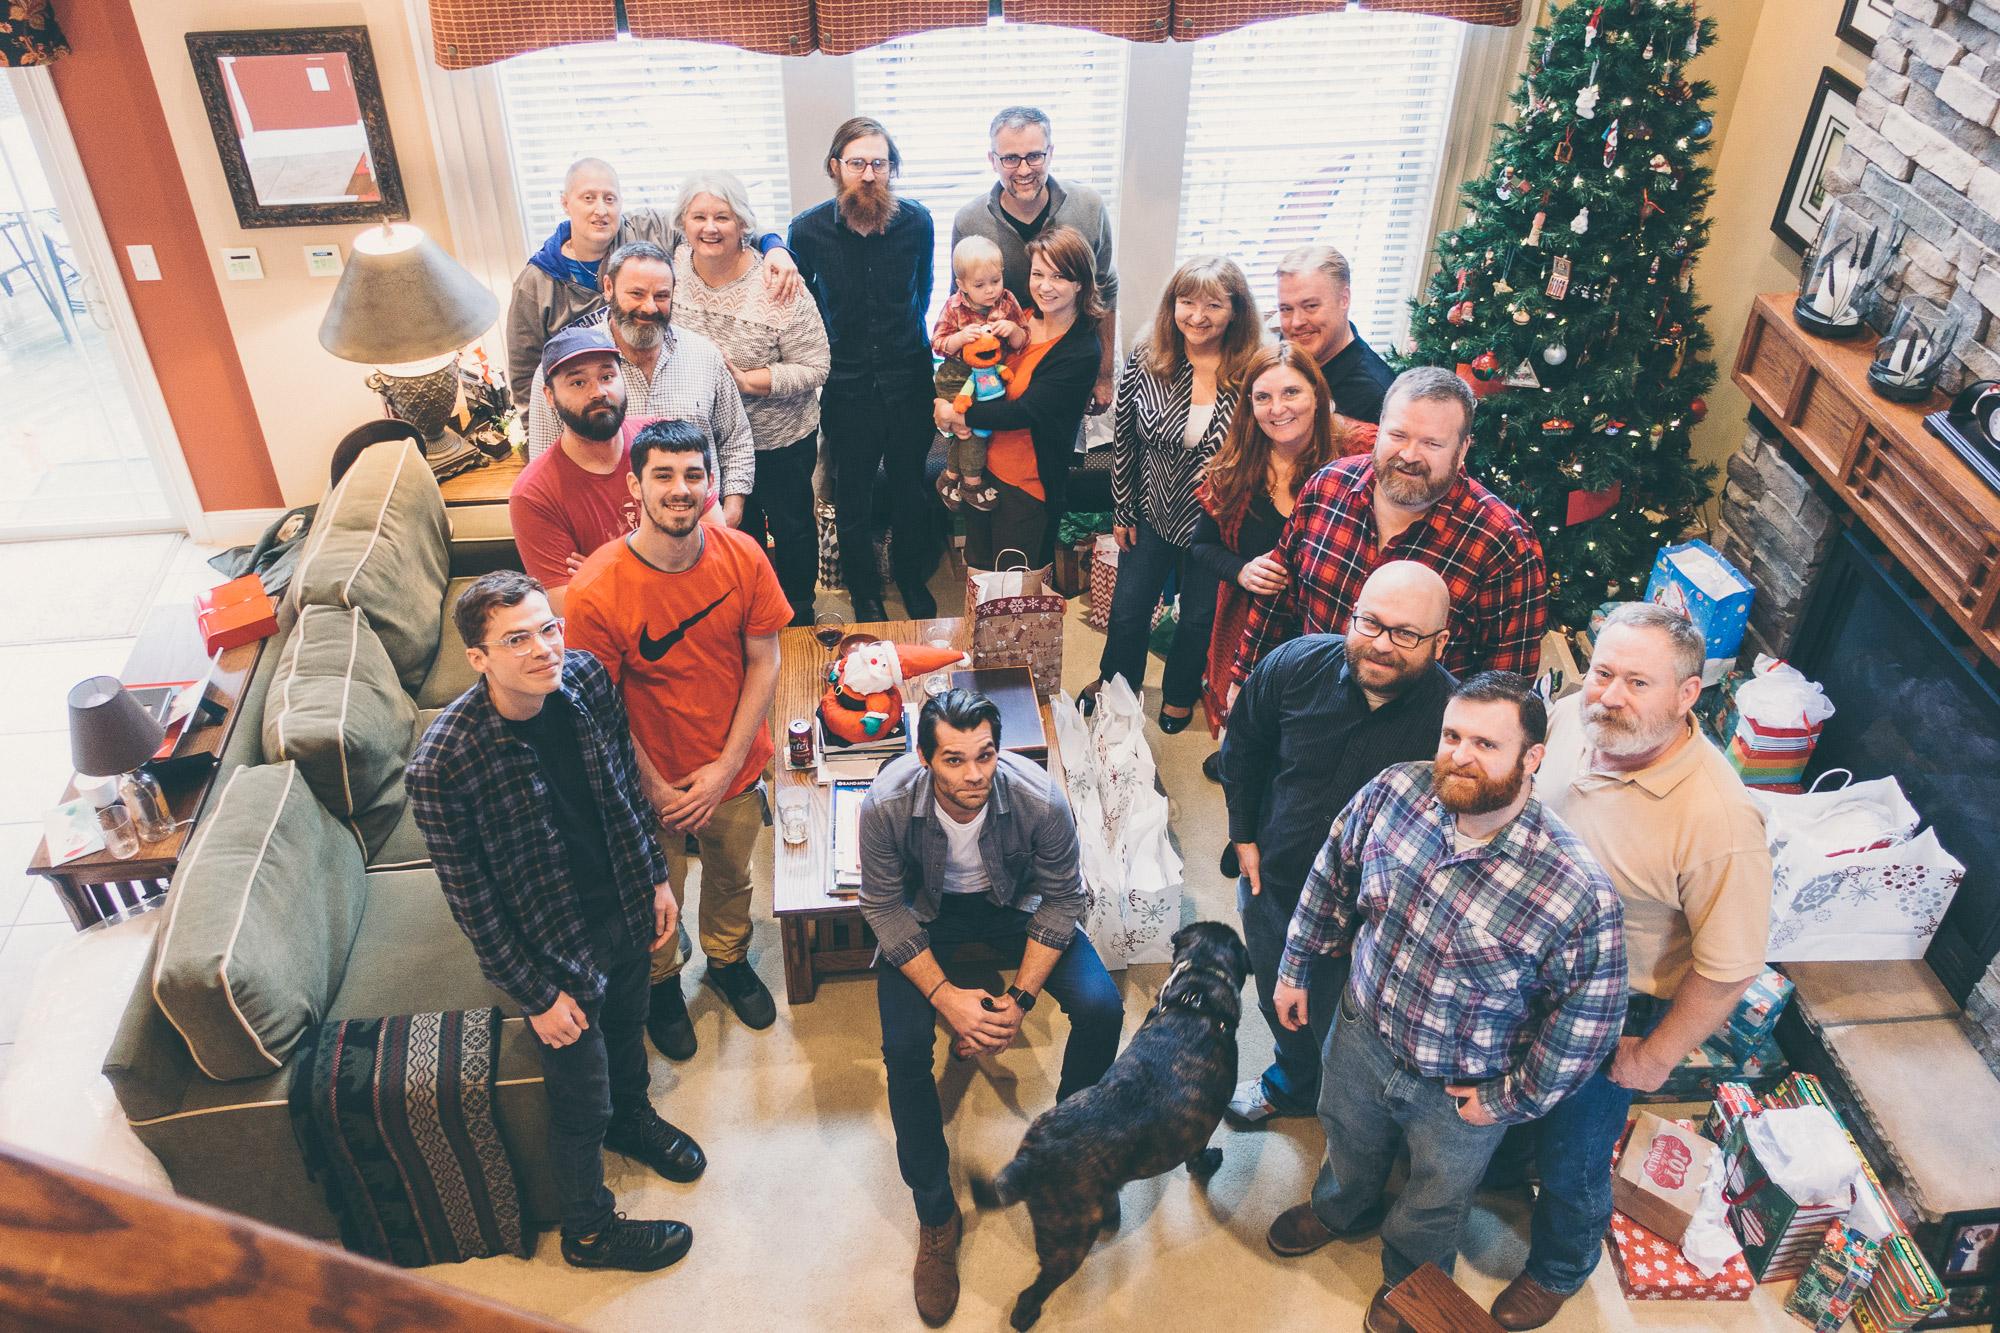 large family Christmas photo